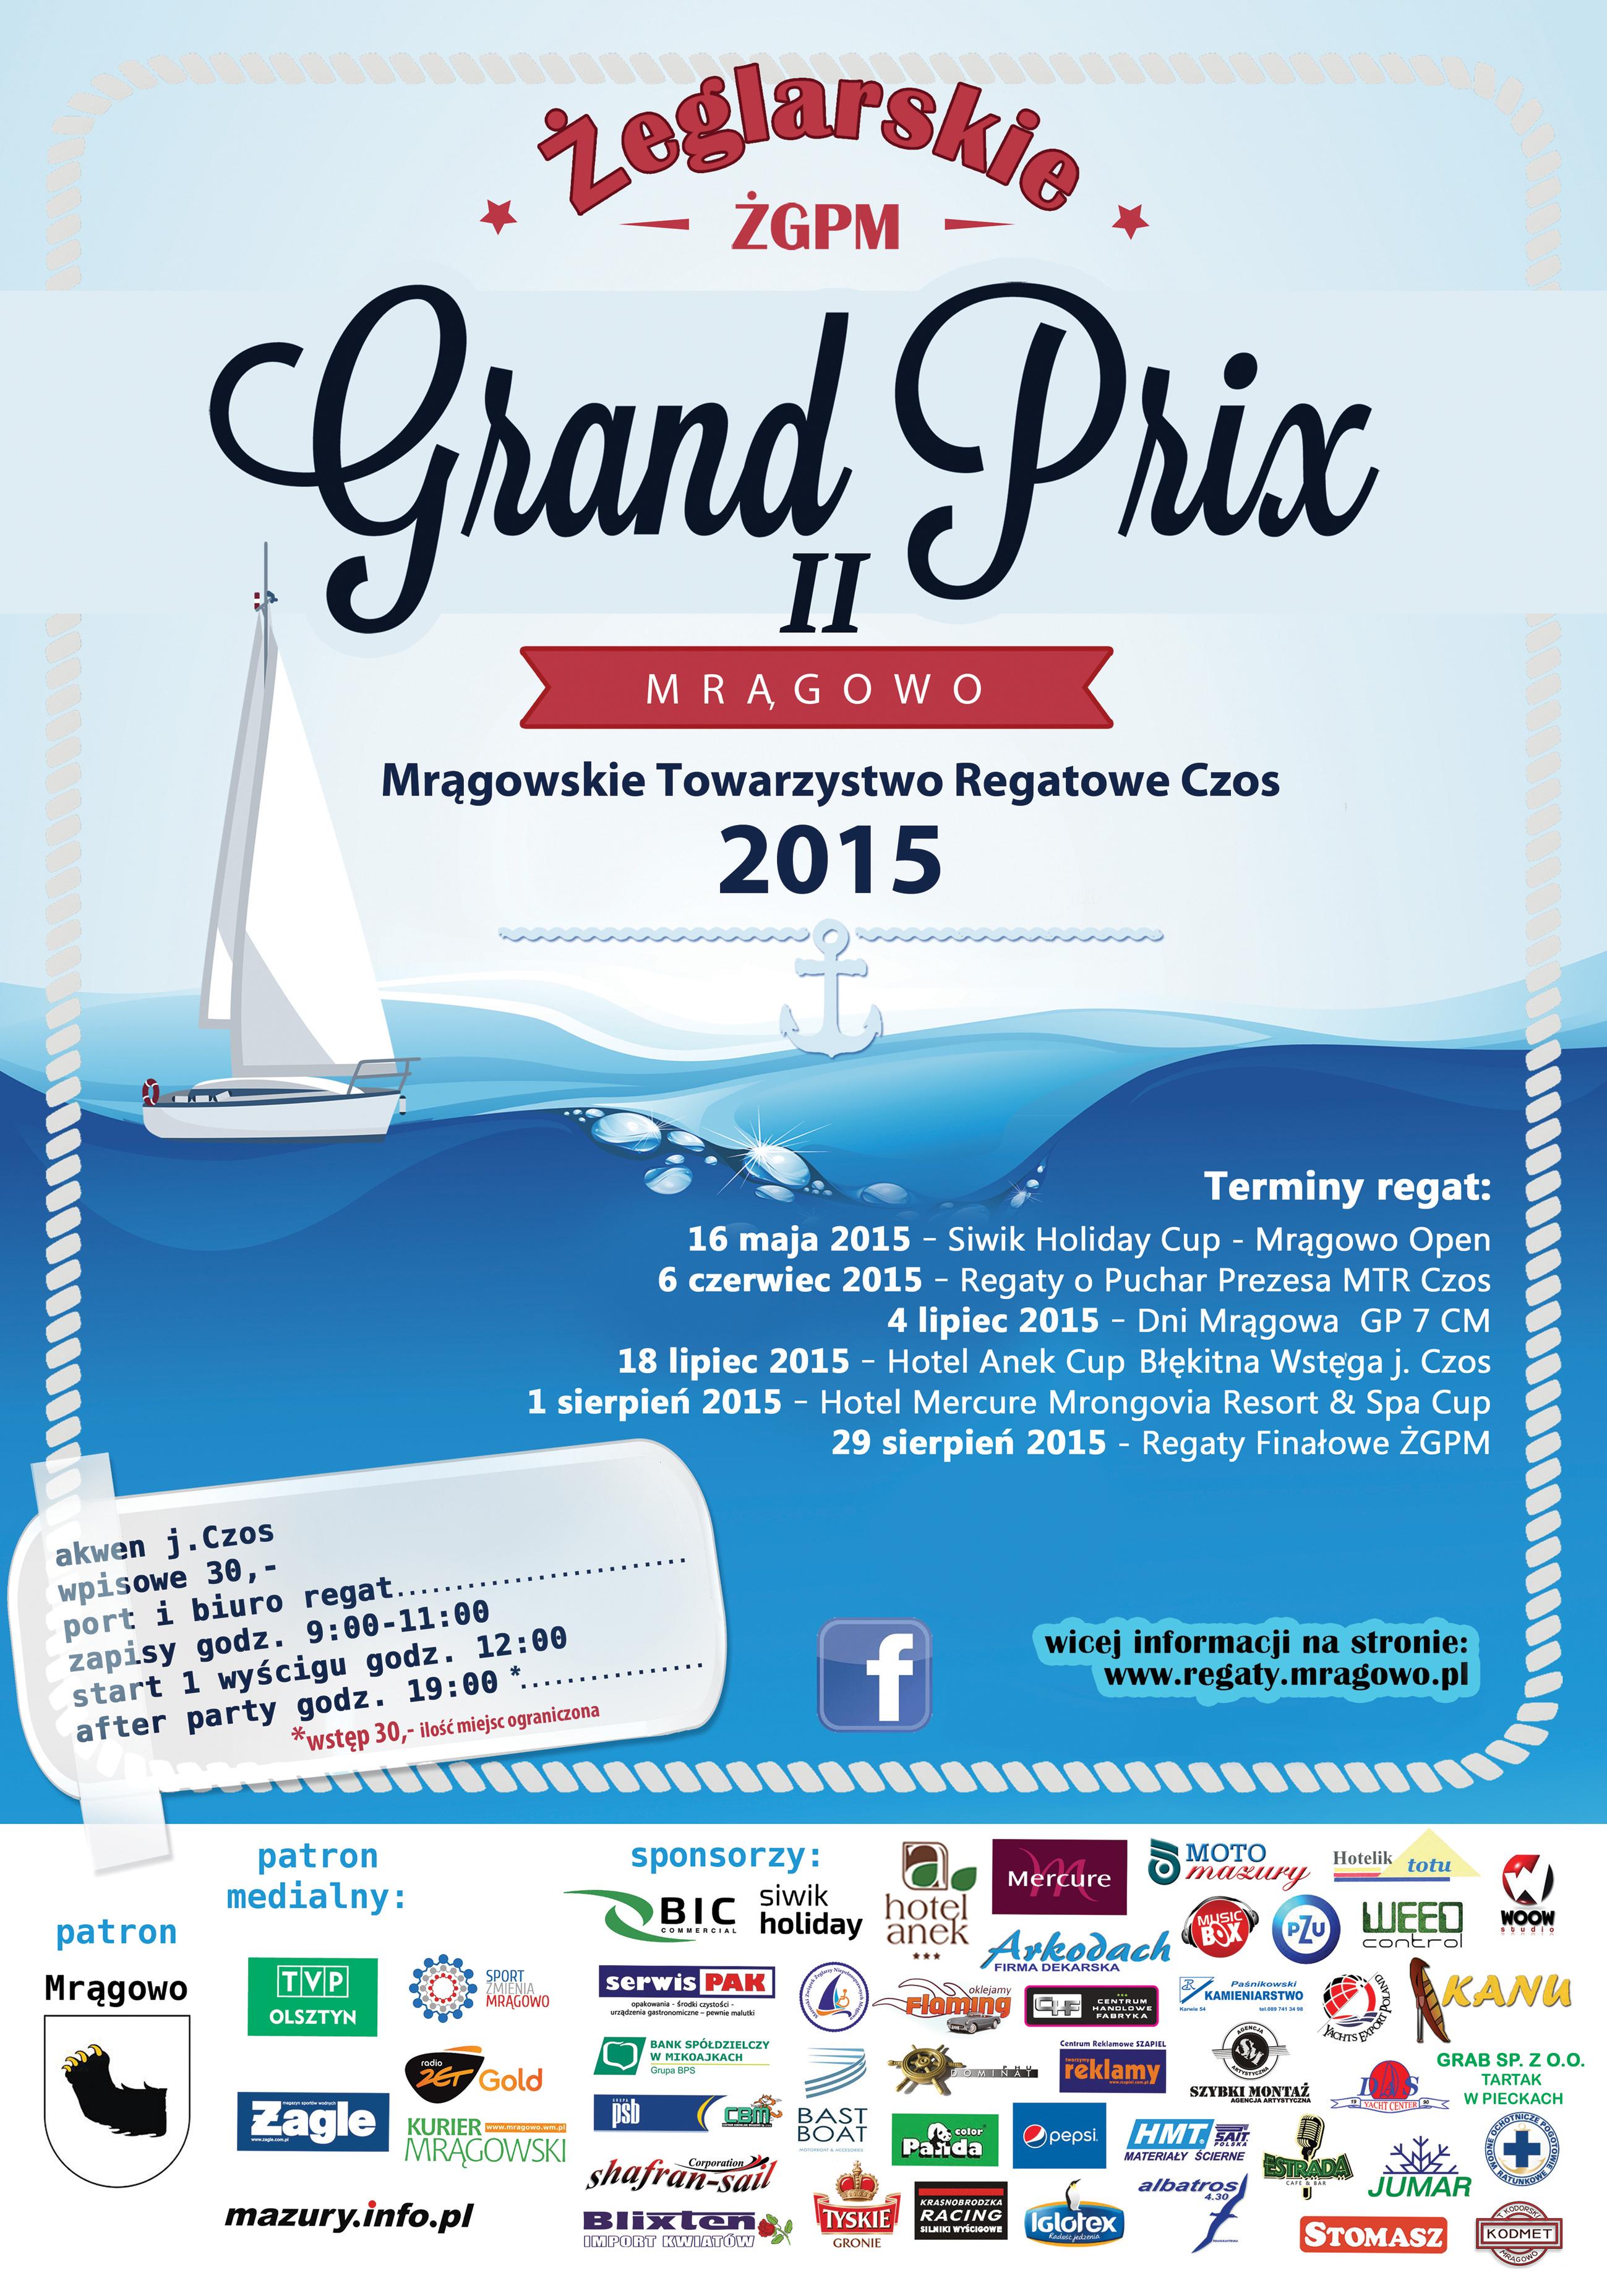 Grand Prix II Mrągowo 2015